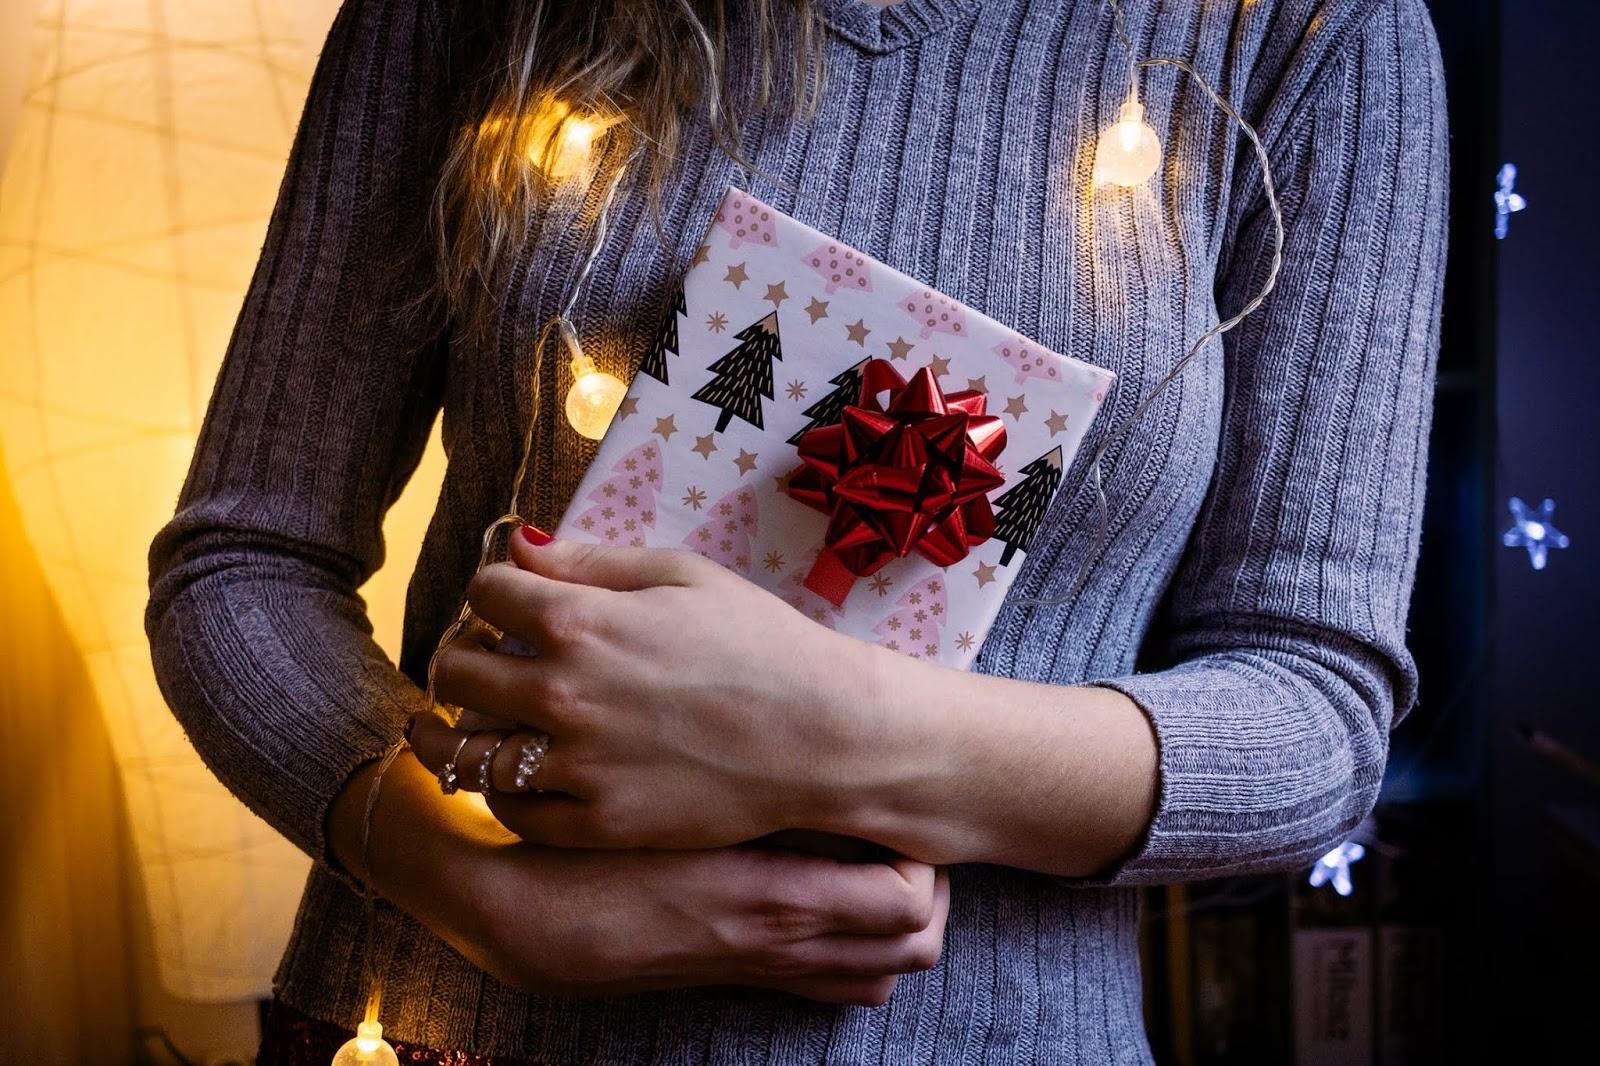 Świąteczna lista życzeń, czyli co kupić w prezencie?